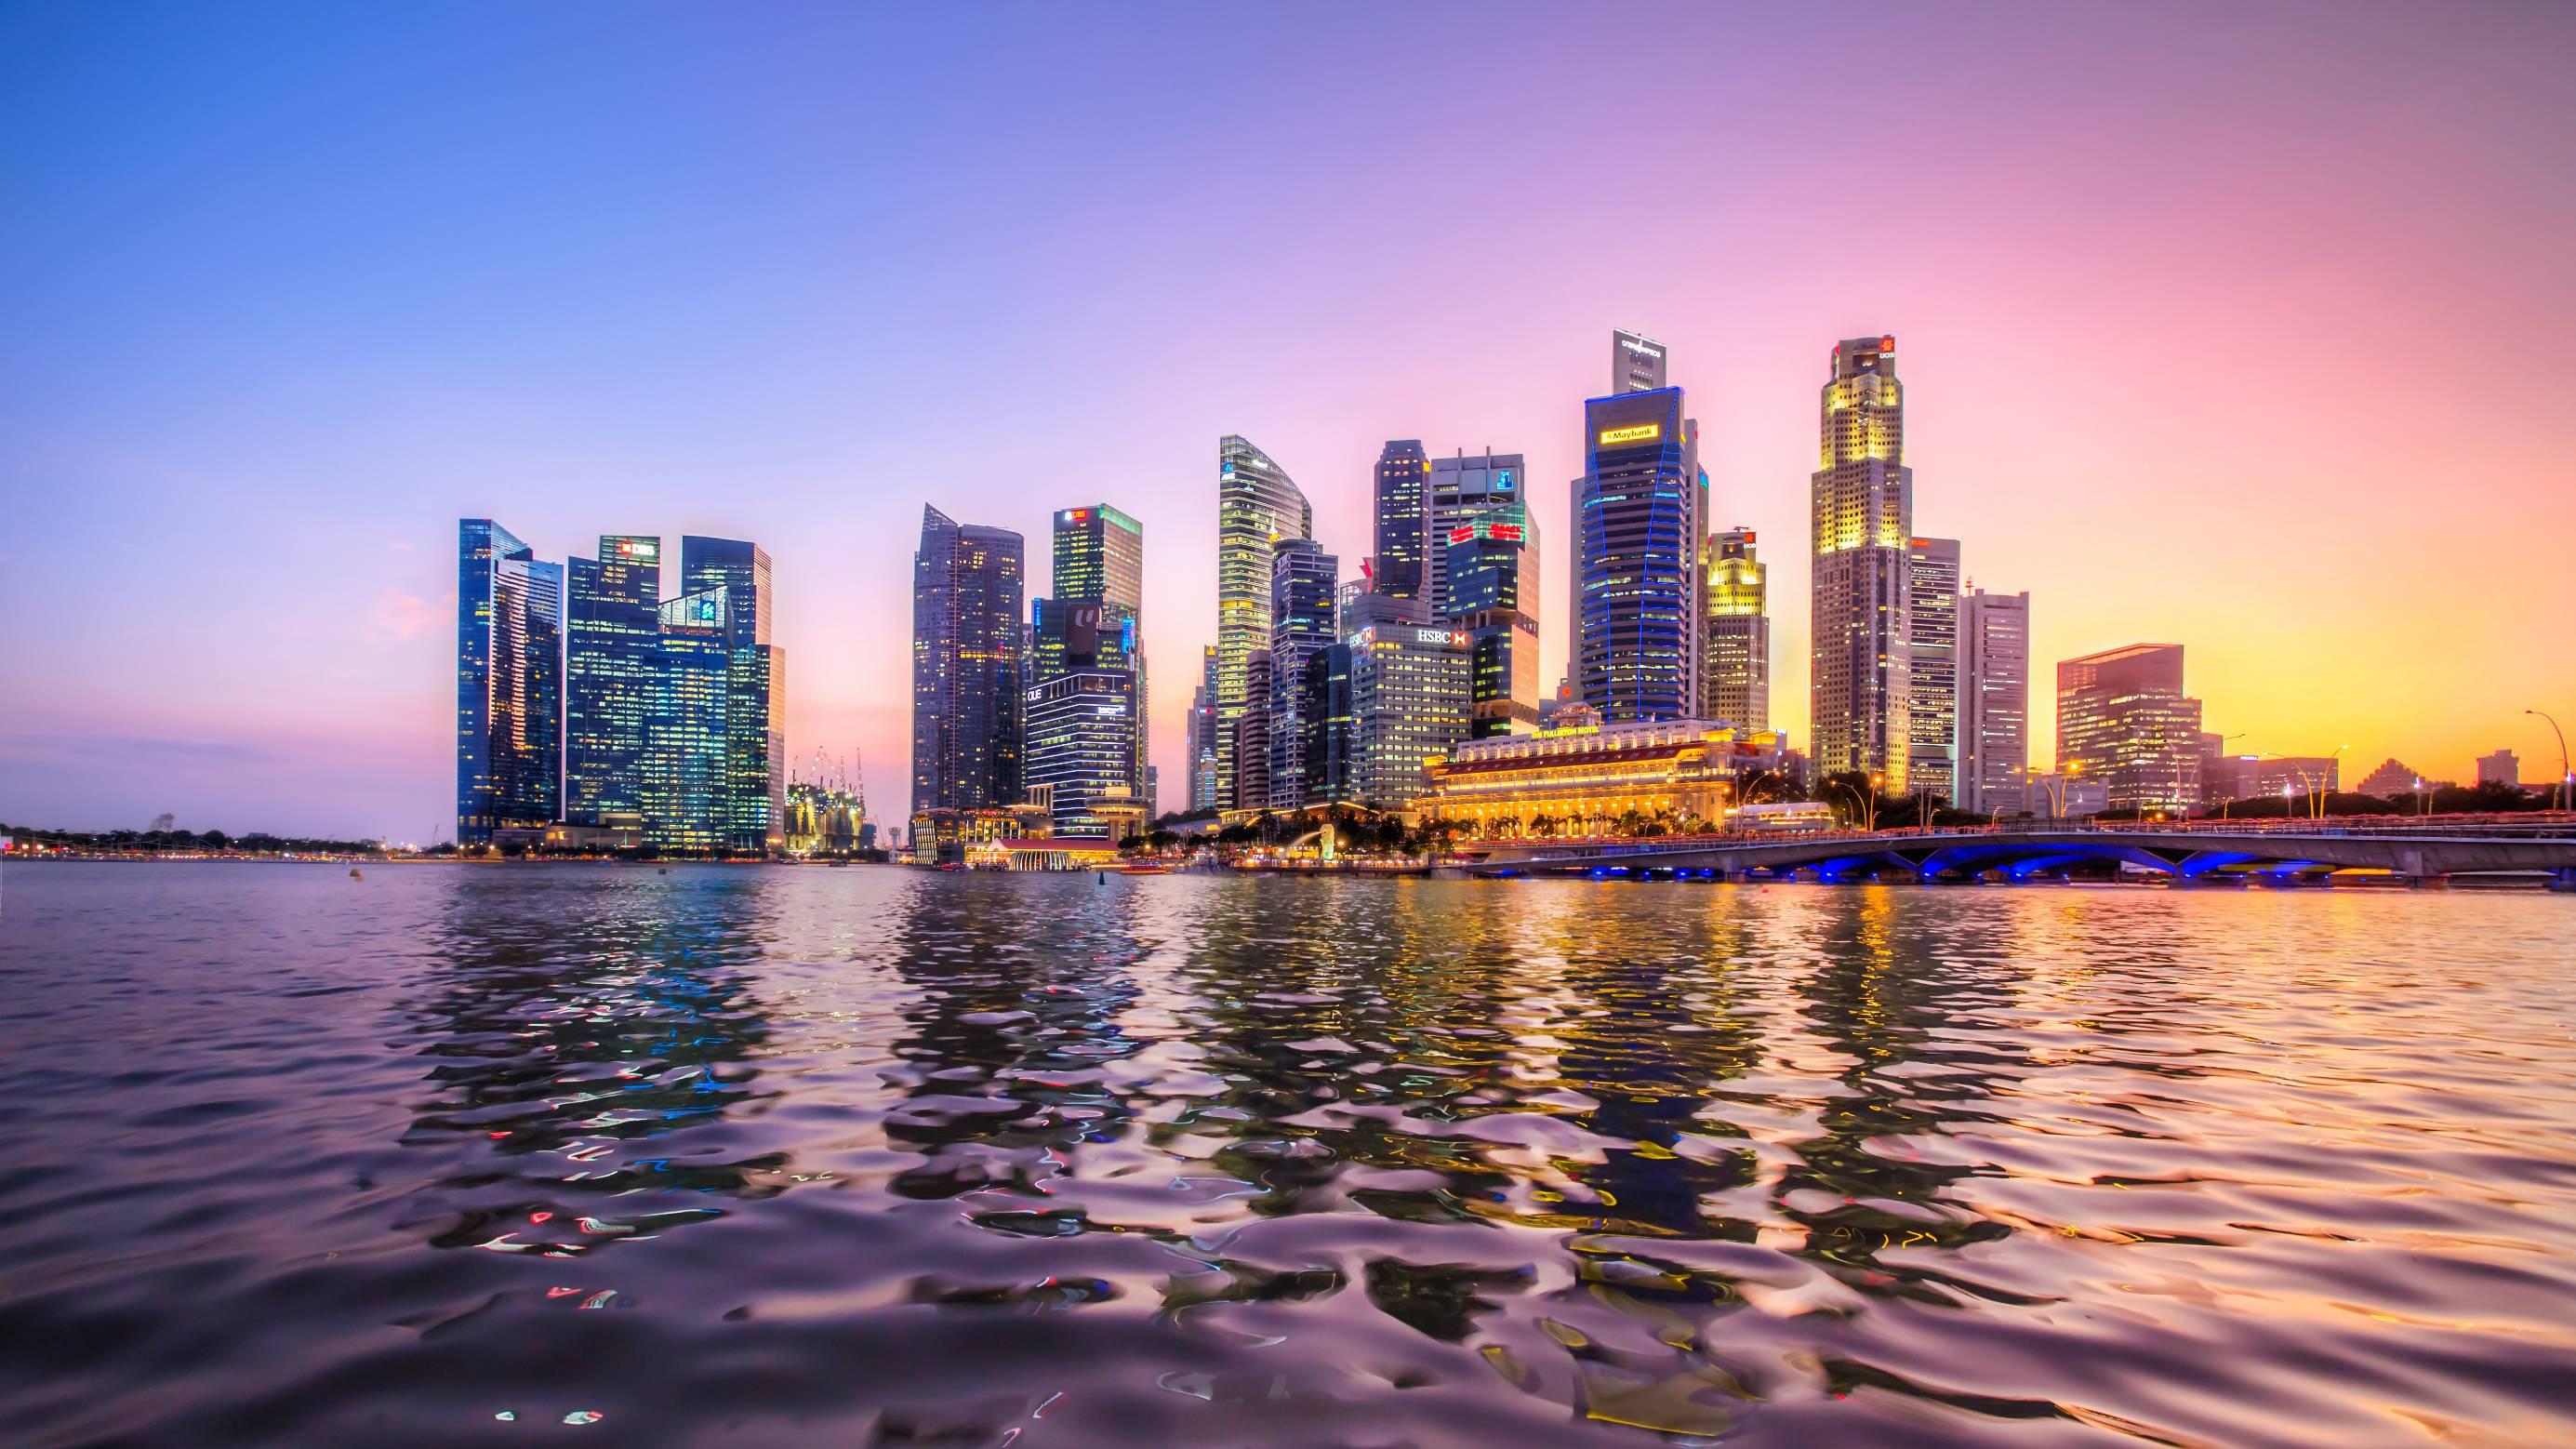 【静好时光】新加坡+马来西亚新加坡航空广州直飞5天4晚